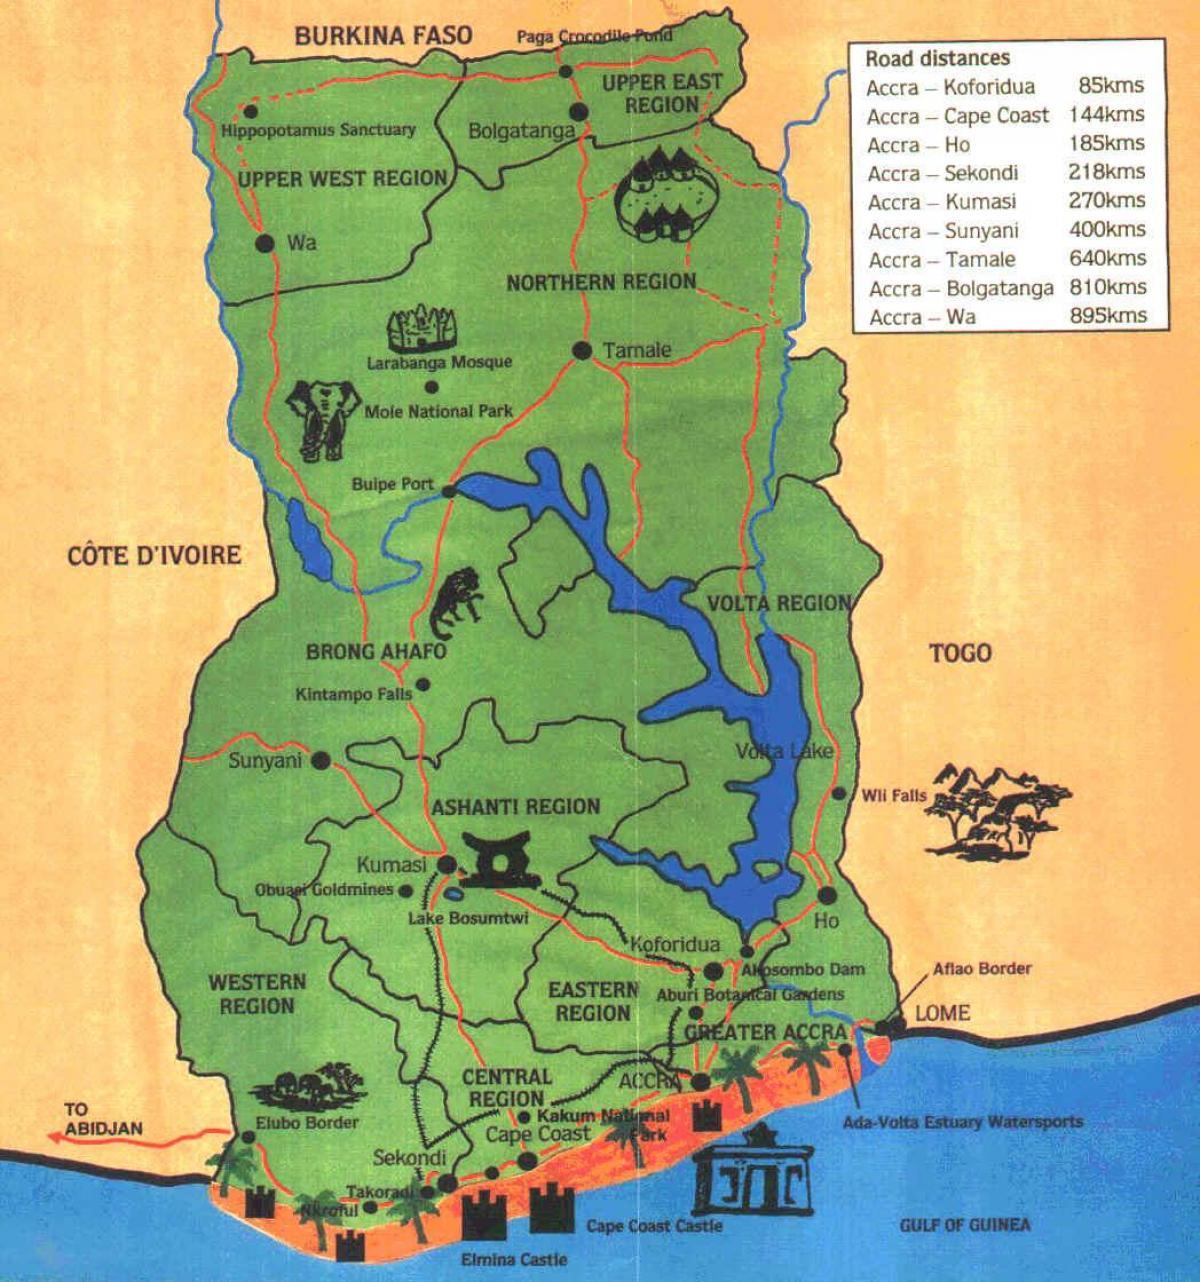 Mynd Af Ghana Kort Kort Af Mynd Af Ghana Vestur Afriku Afriku